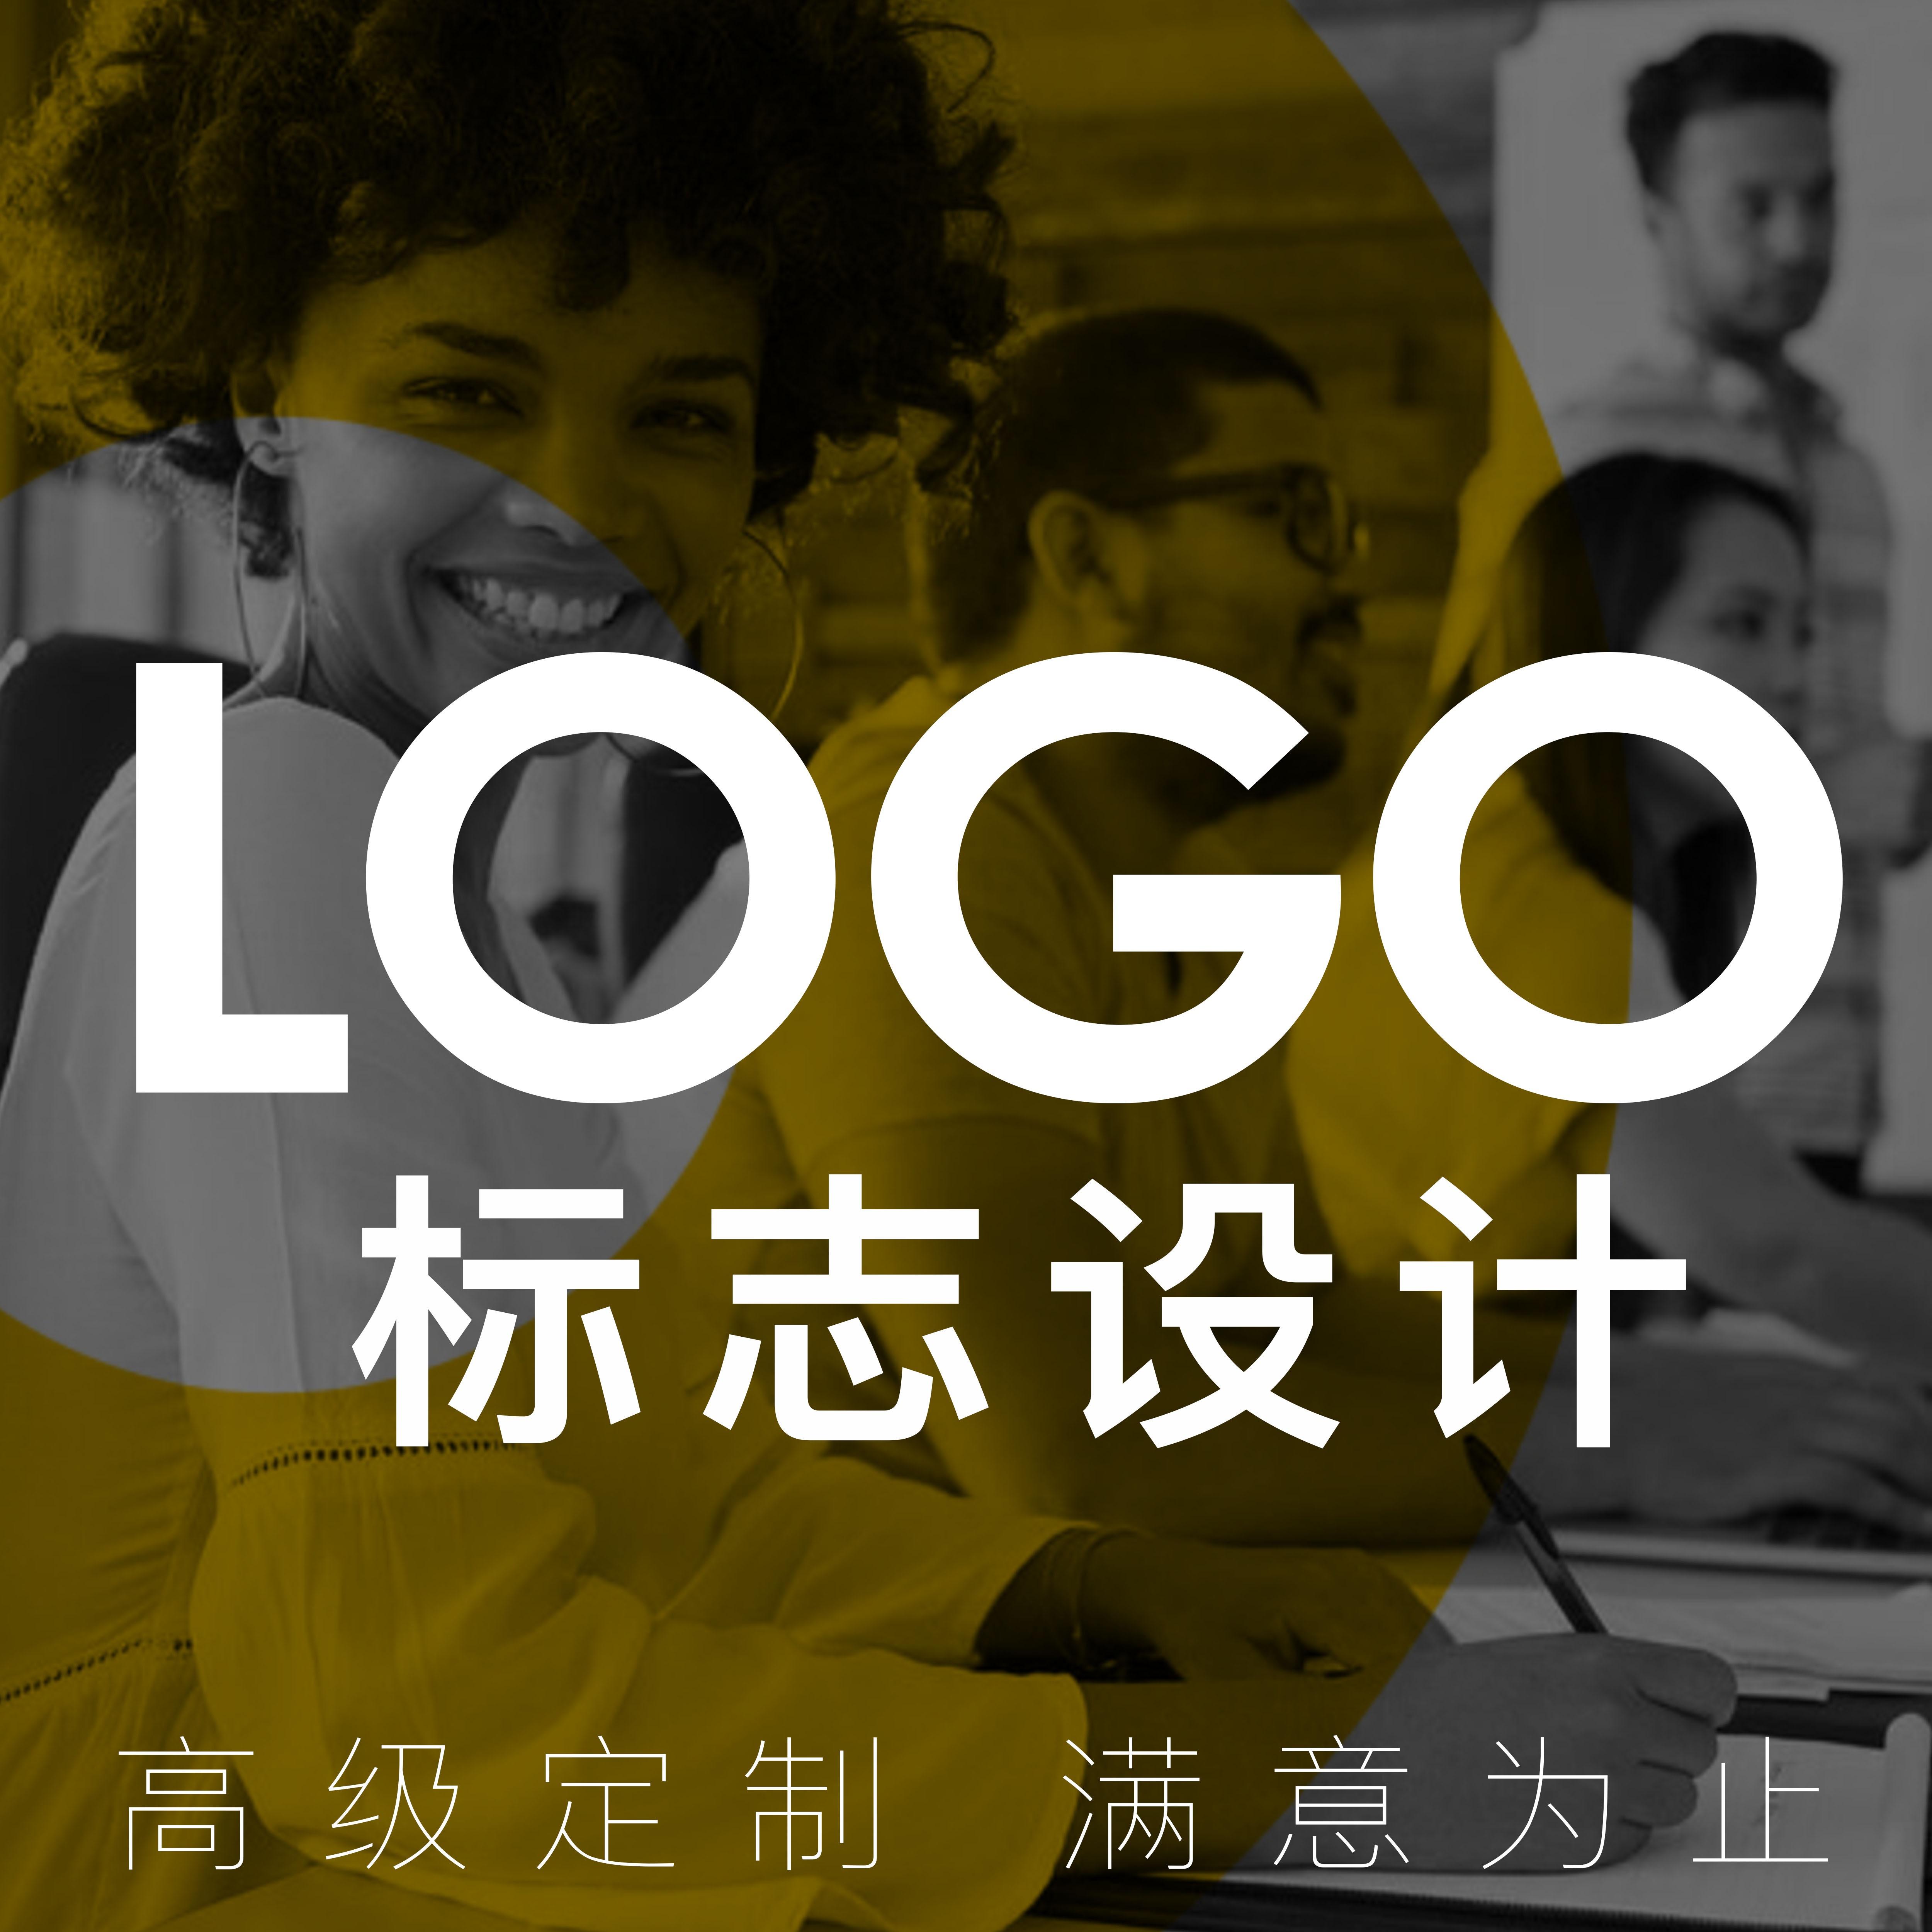 公司品牌餐饮产品食品图形文字卡通科技商标图形文字 logo 设计